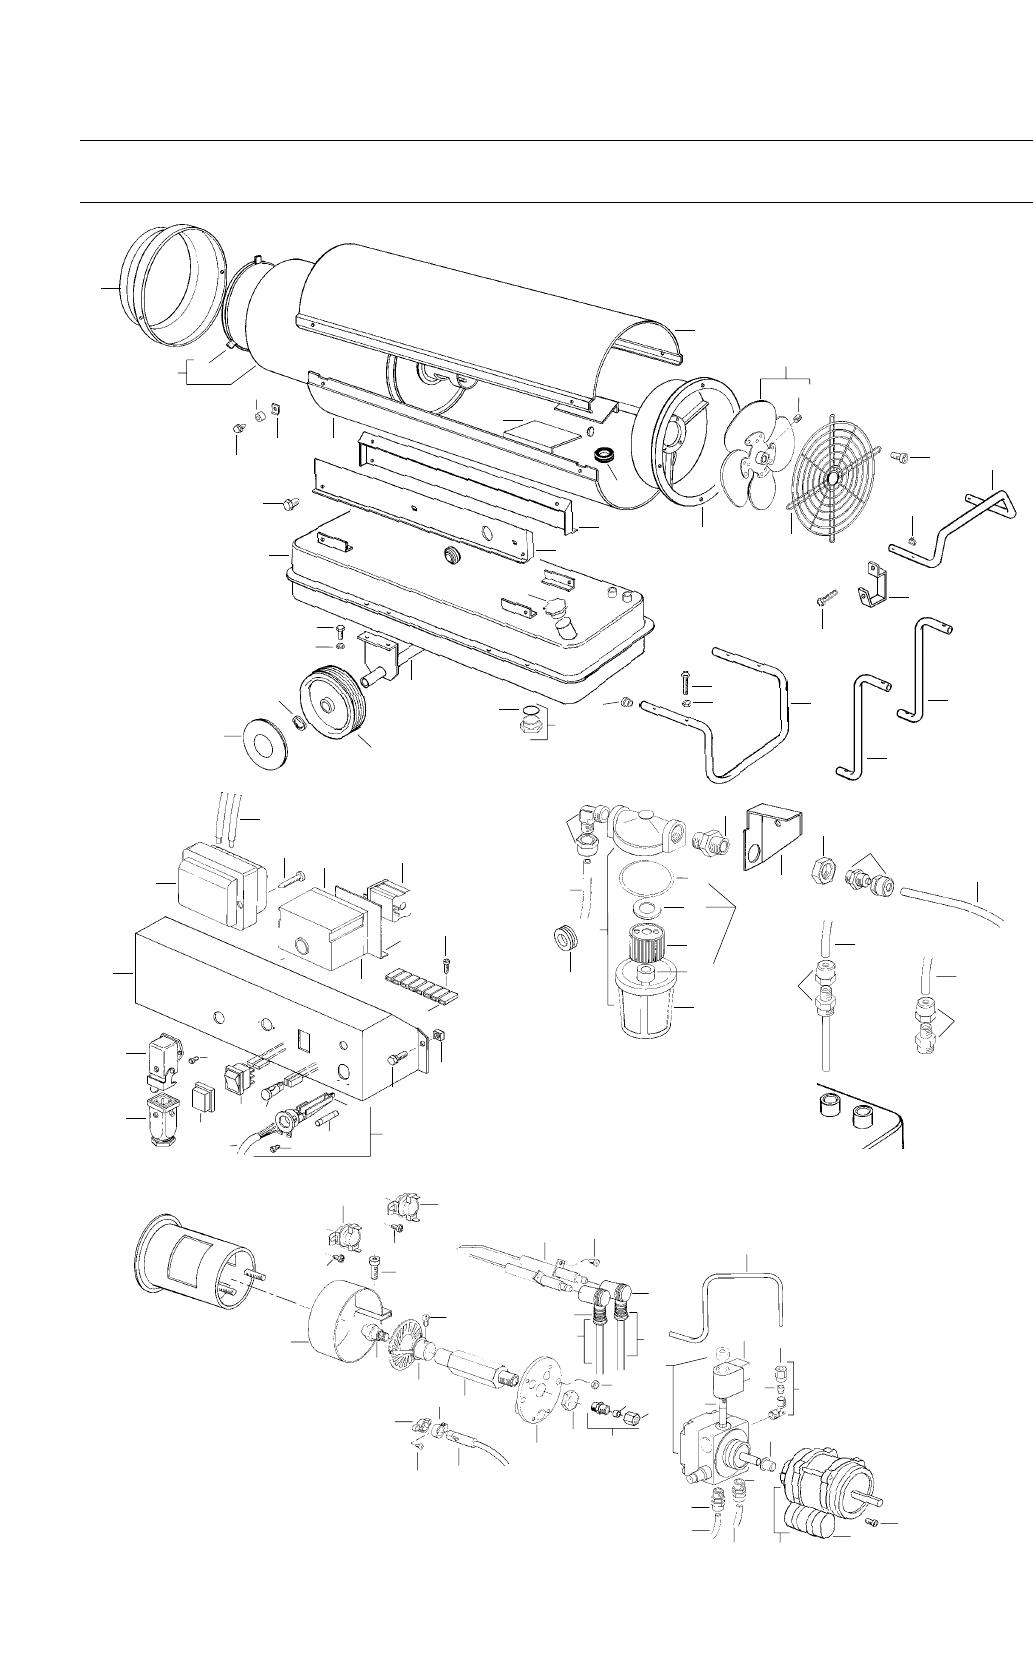 King Air C90 Wiring Diagram